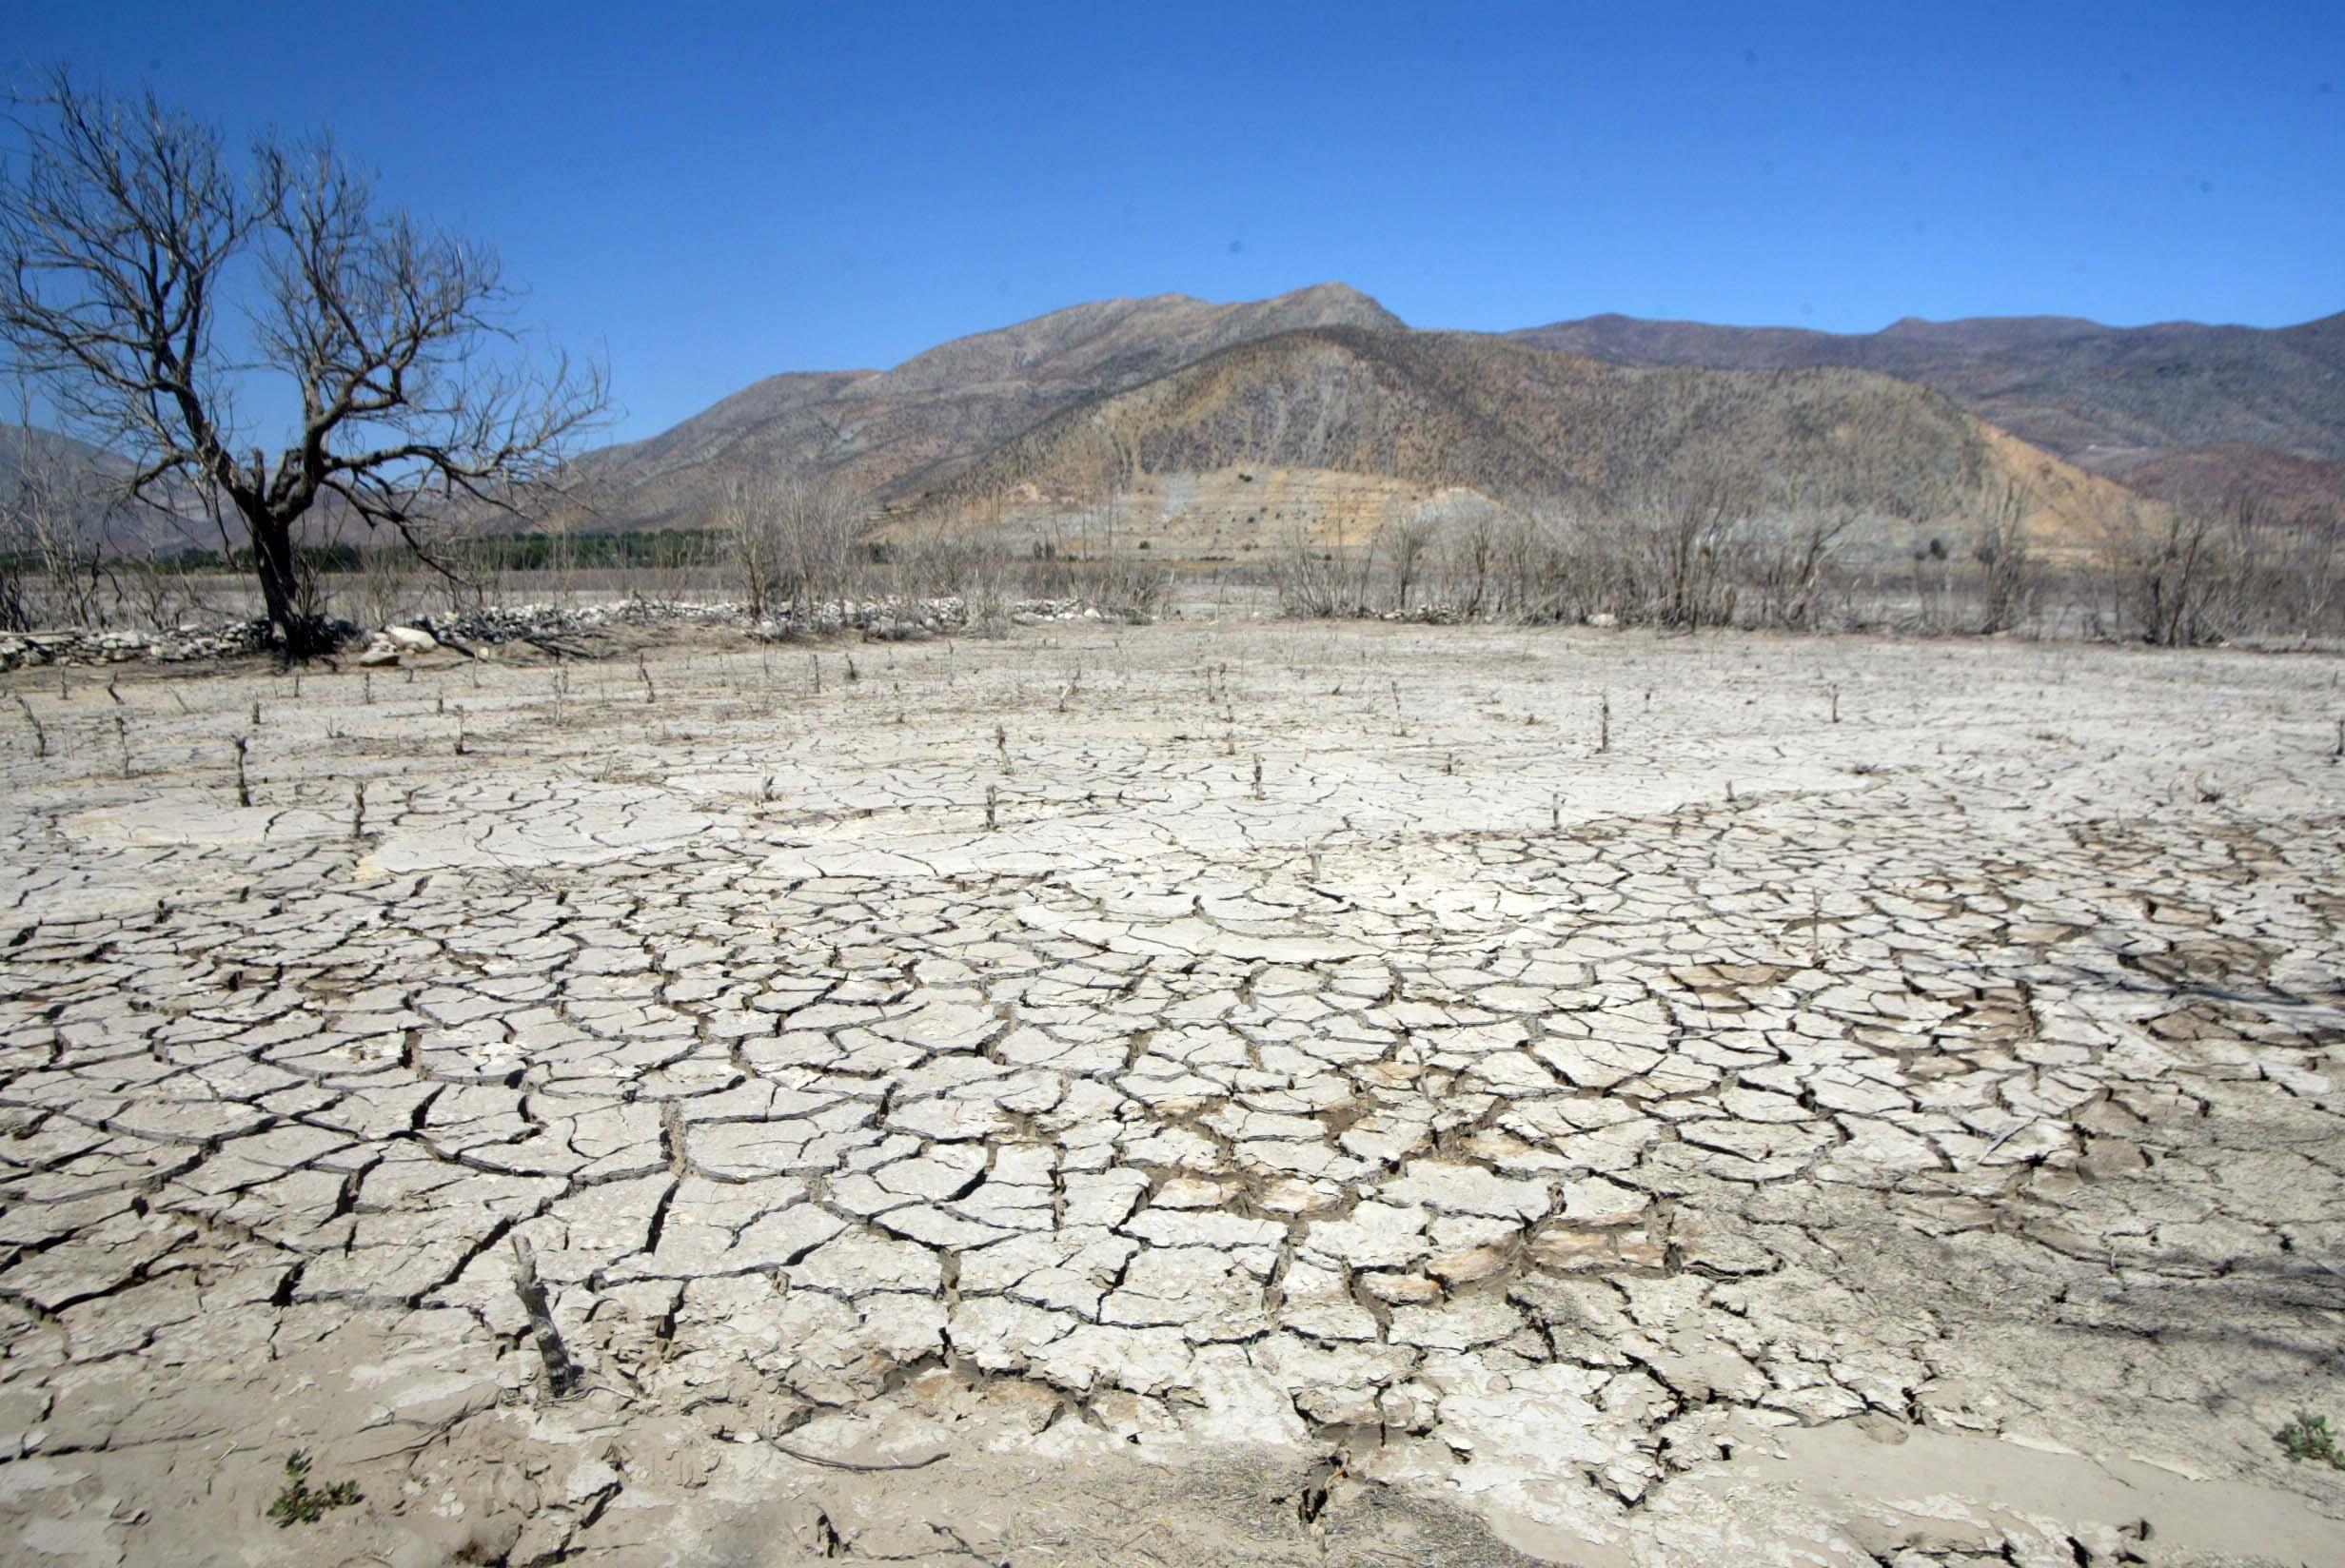 Atlas del agua reveló escasez del recurso: Culpan a privatización y pasividad del Estado